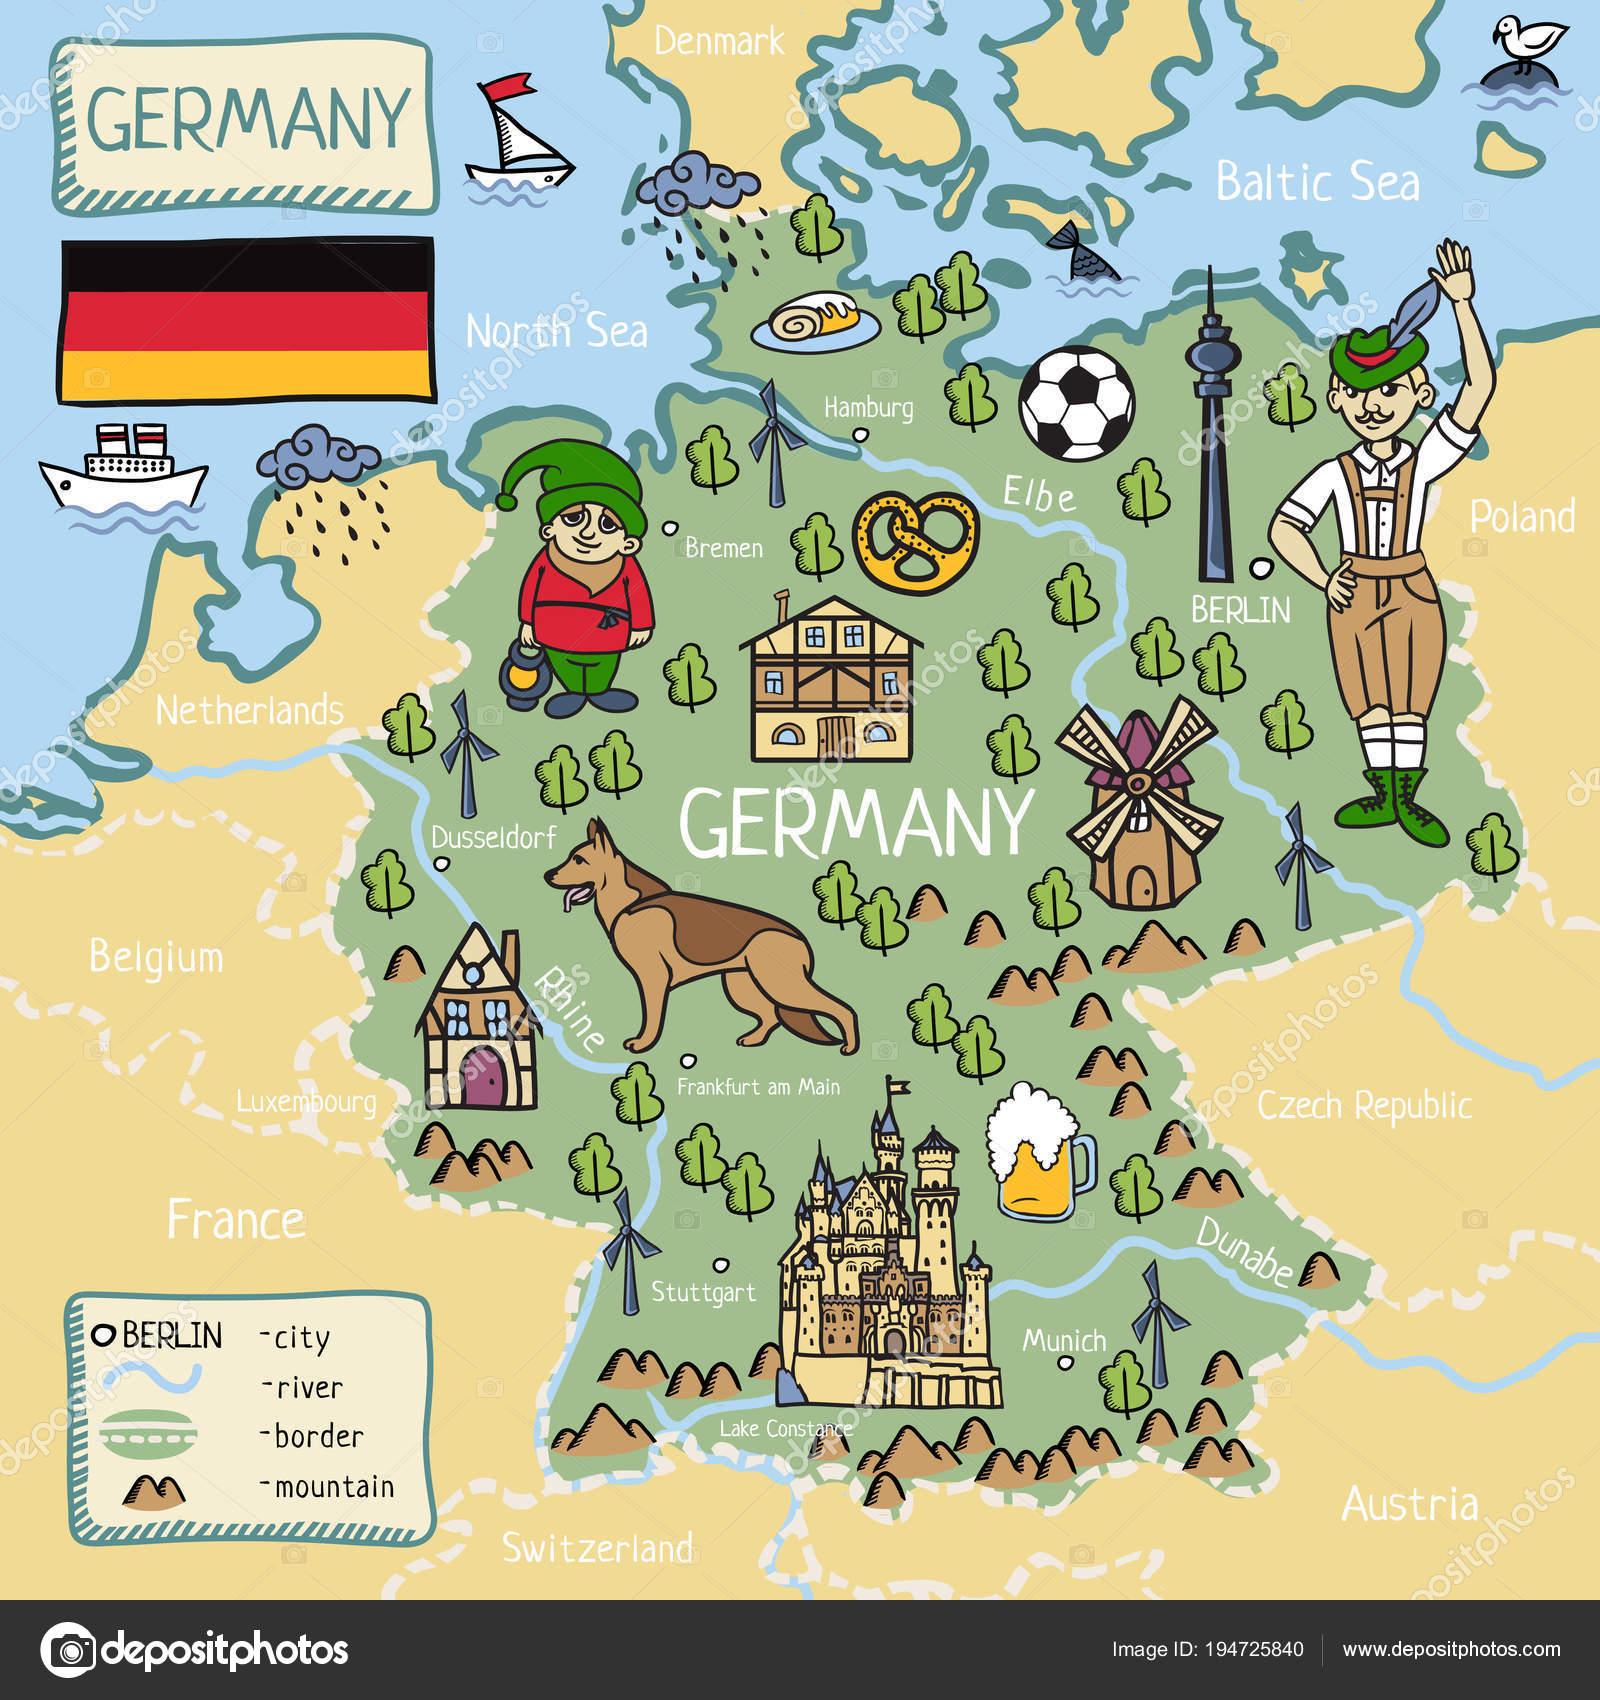 Cartoon Map Of Germany.Cartoon Map Of Germany Stock Vector C Lashmipics 194725840